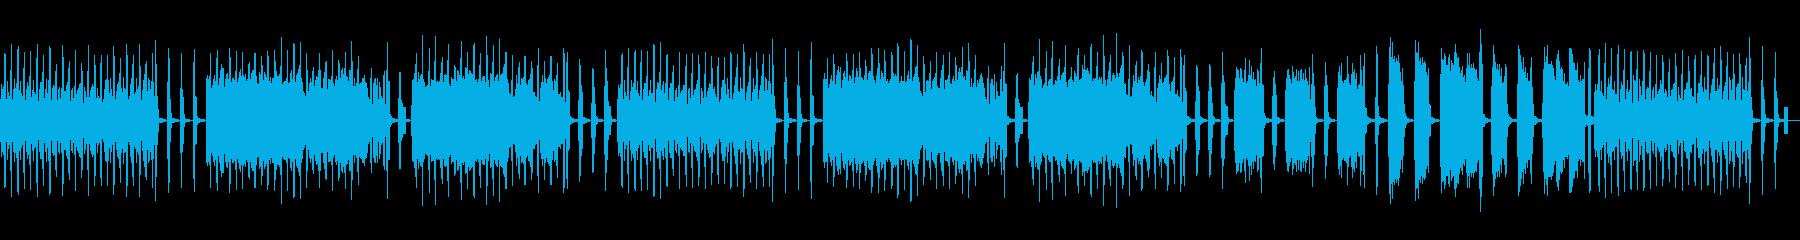 フランスの歌謡曲をイメージして作りましたの再生済みの波形